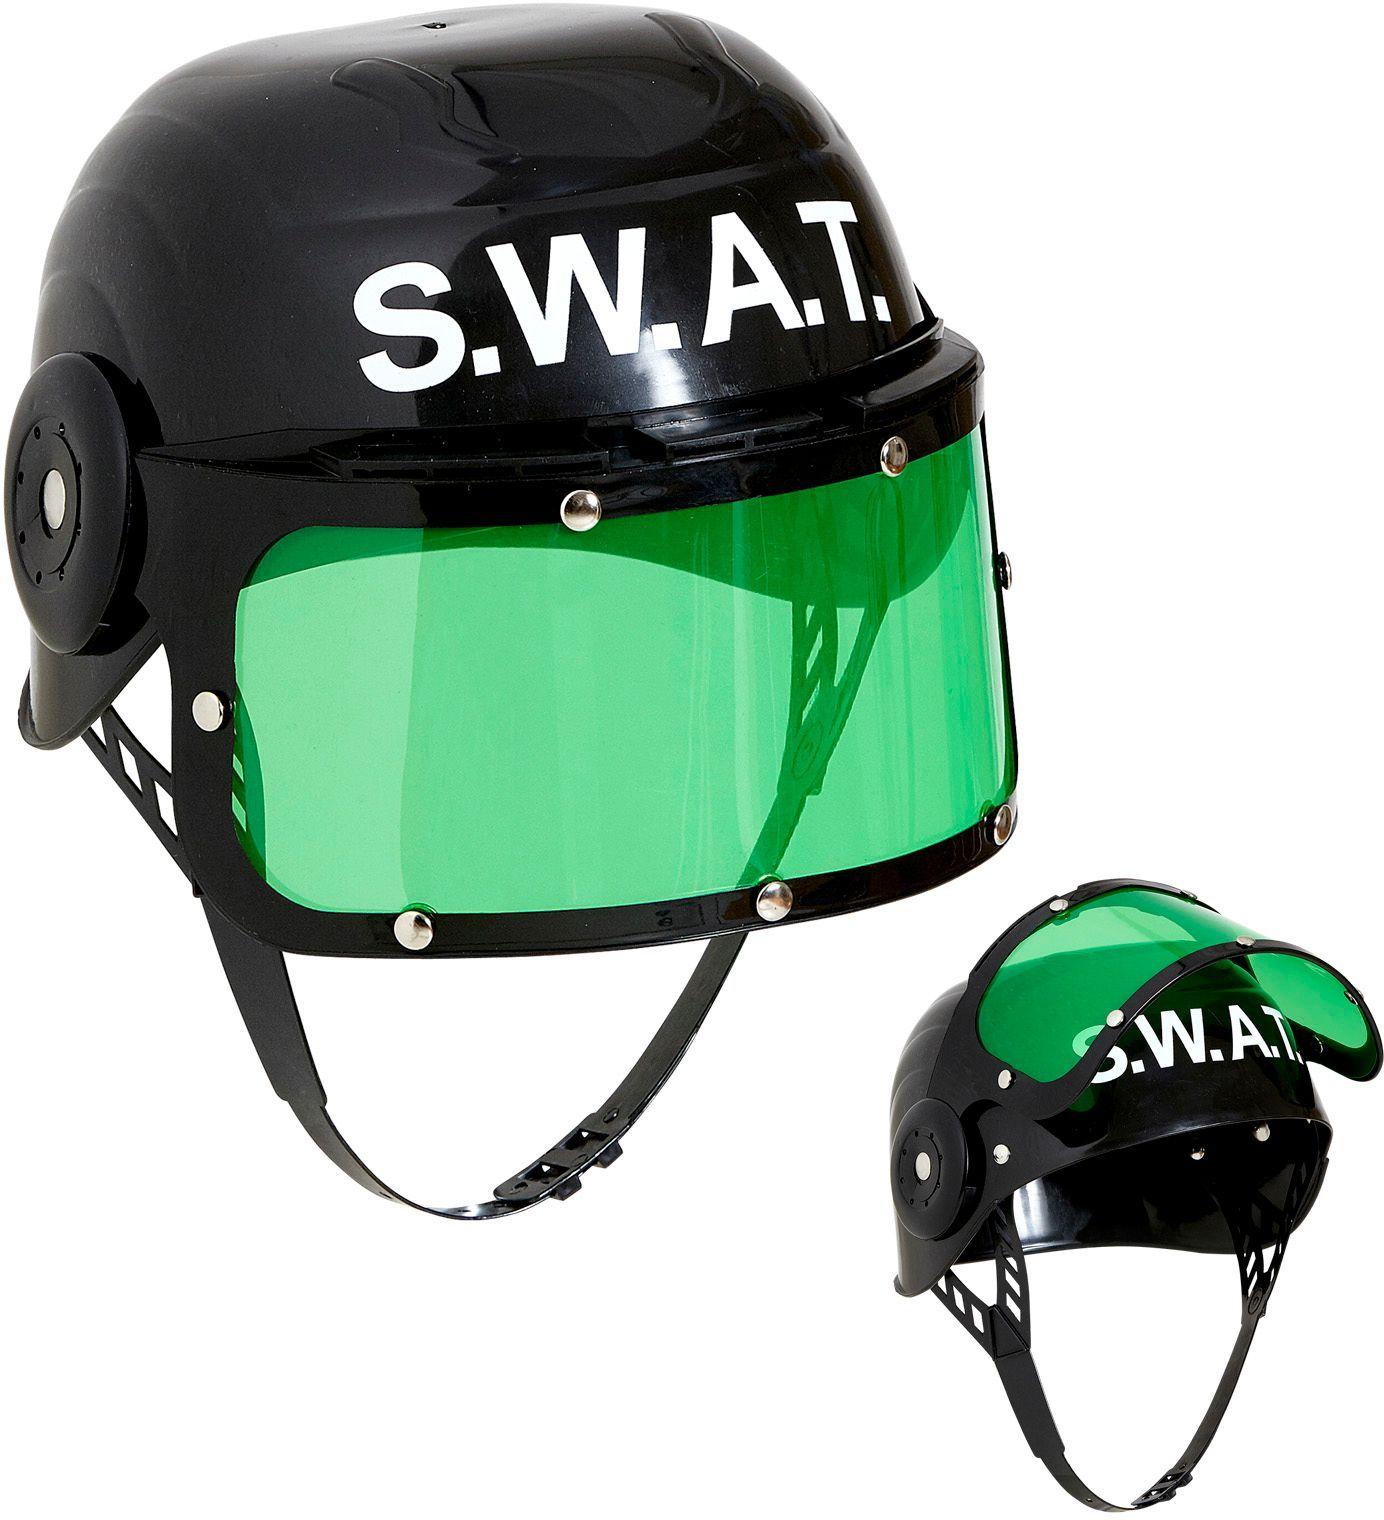 SWAT helm zwart